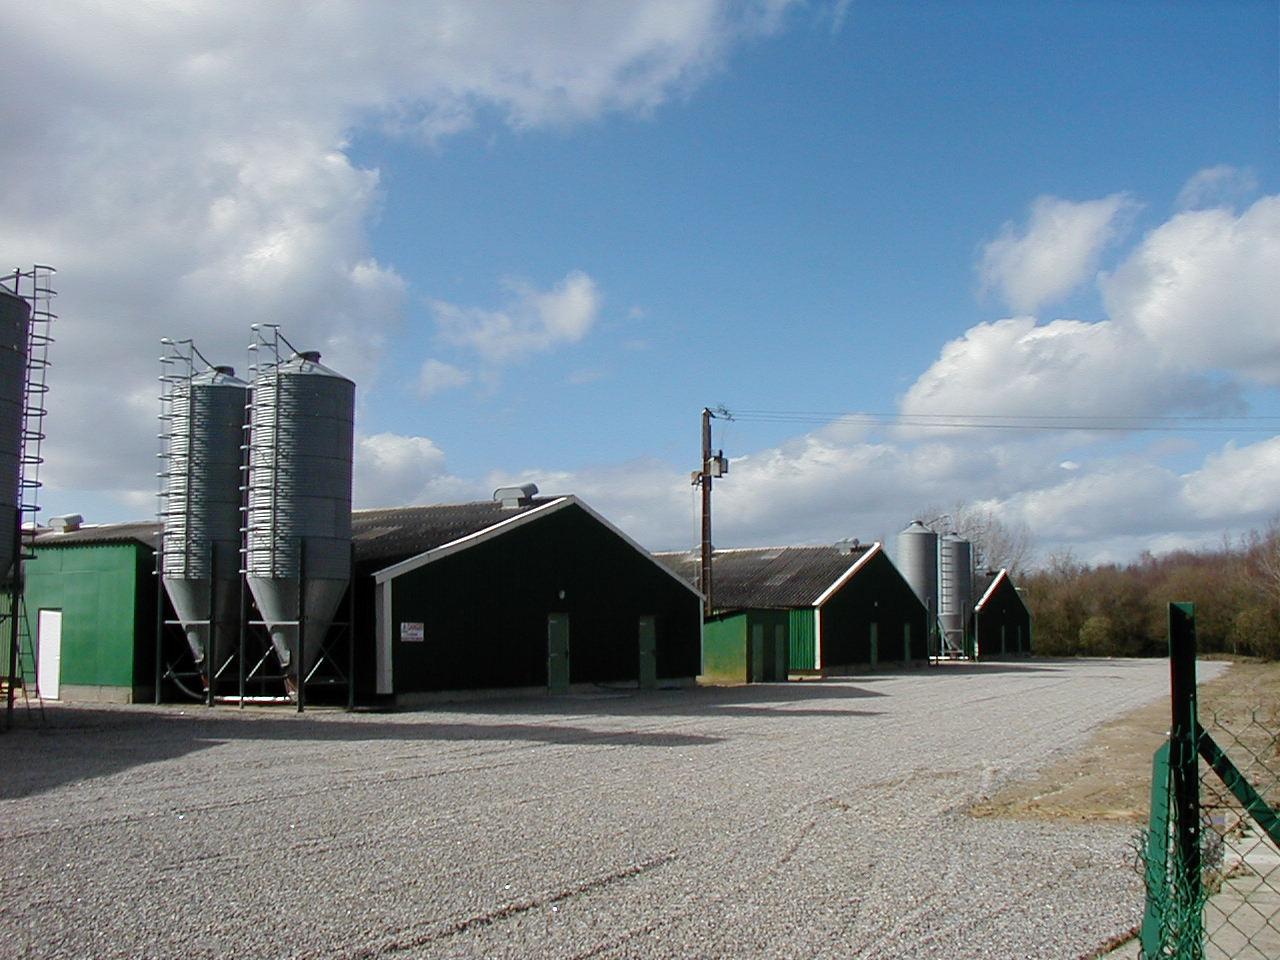 Mesures de l'ammoniac dans l'air : l'agriculture bretonne toujours en cause